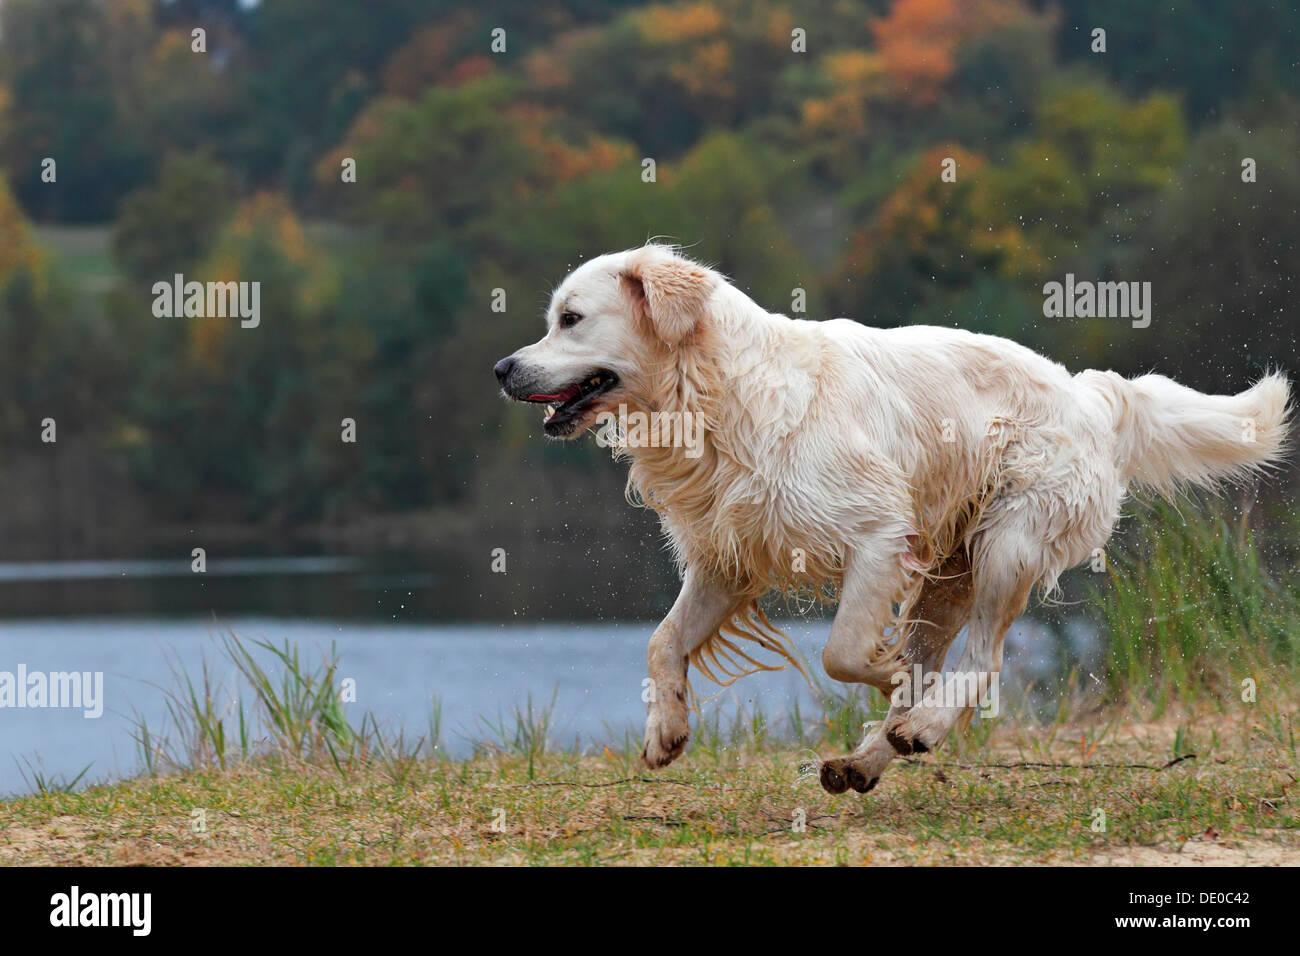 Golden Retriever (Canis lupus familiaris), male dog running, in autumn - Stock Image